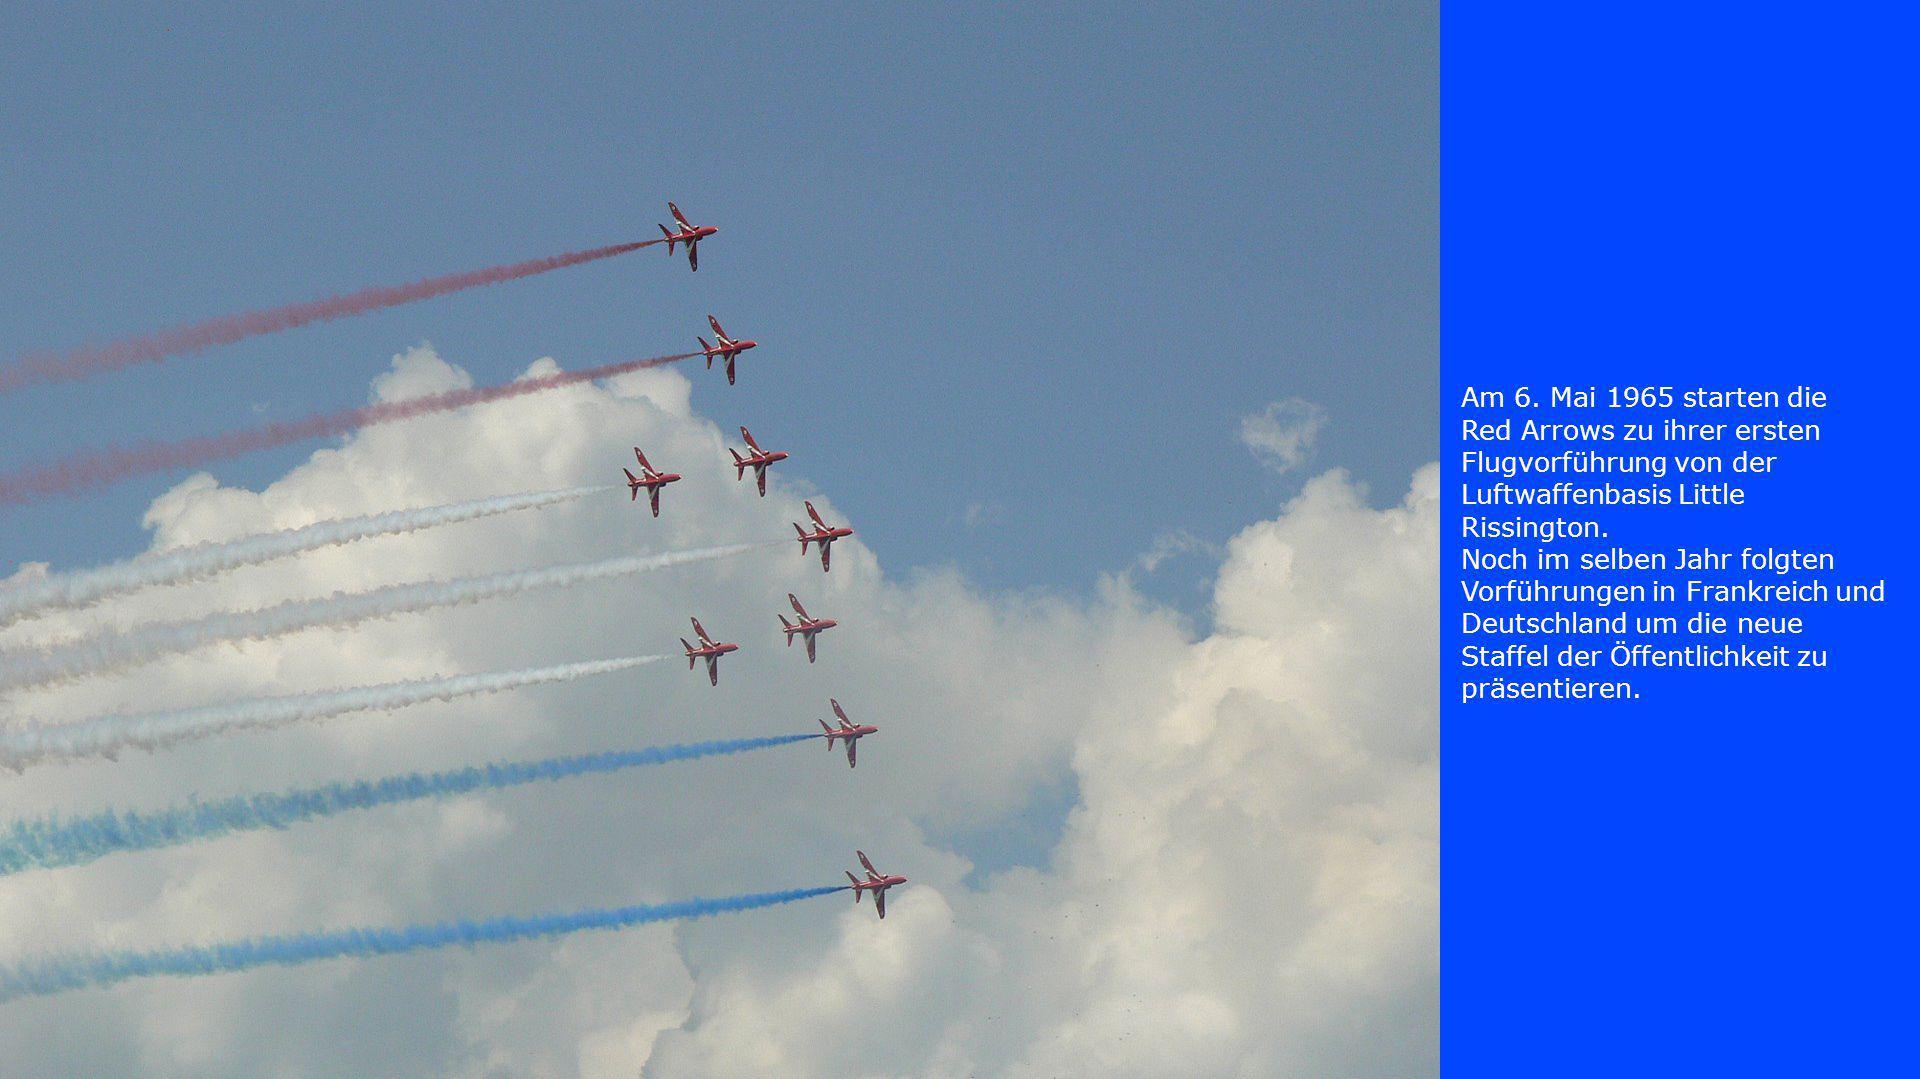 Am 6. Mai 1965 starten die Red Arrows zu ihrer ersten Flugvorführung von der Luftwaffenbasis Little Rissington. Noch im selben Jahr folgten Vorführung